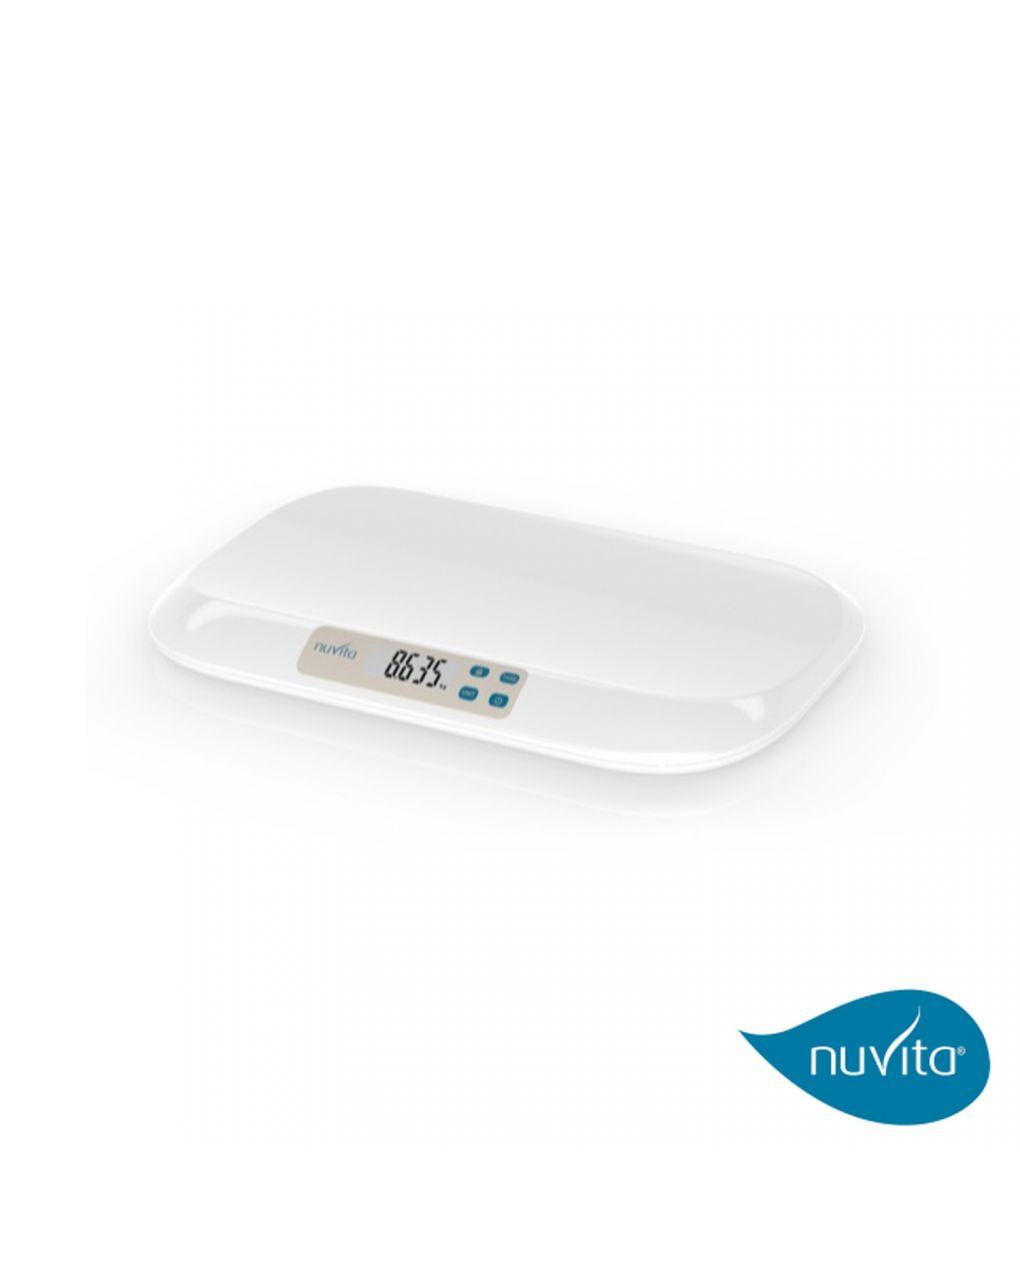 Bilancia digitale - Nuvita